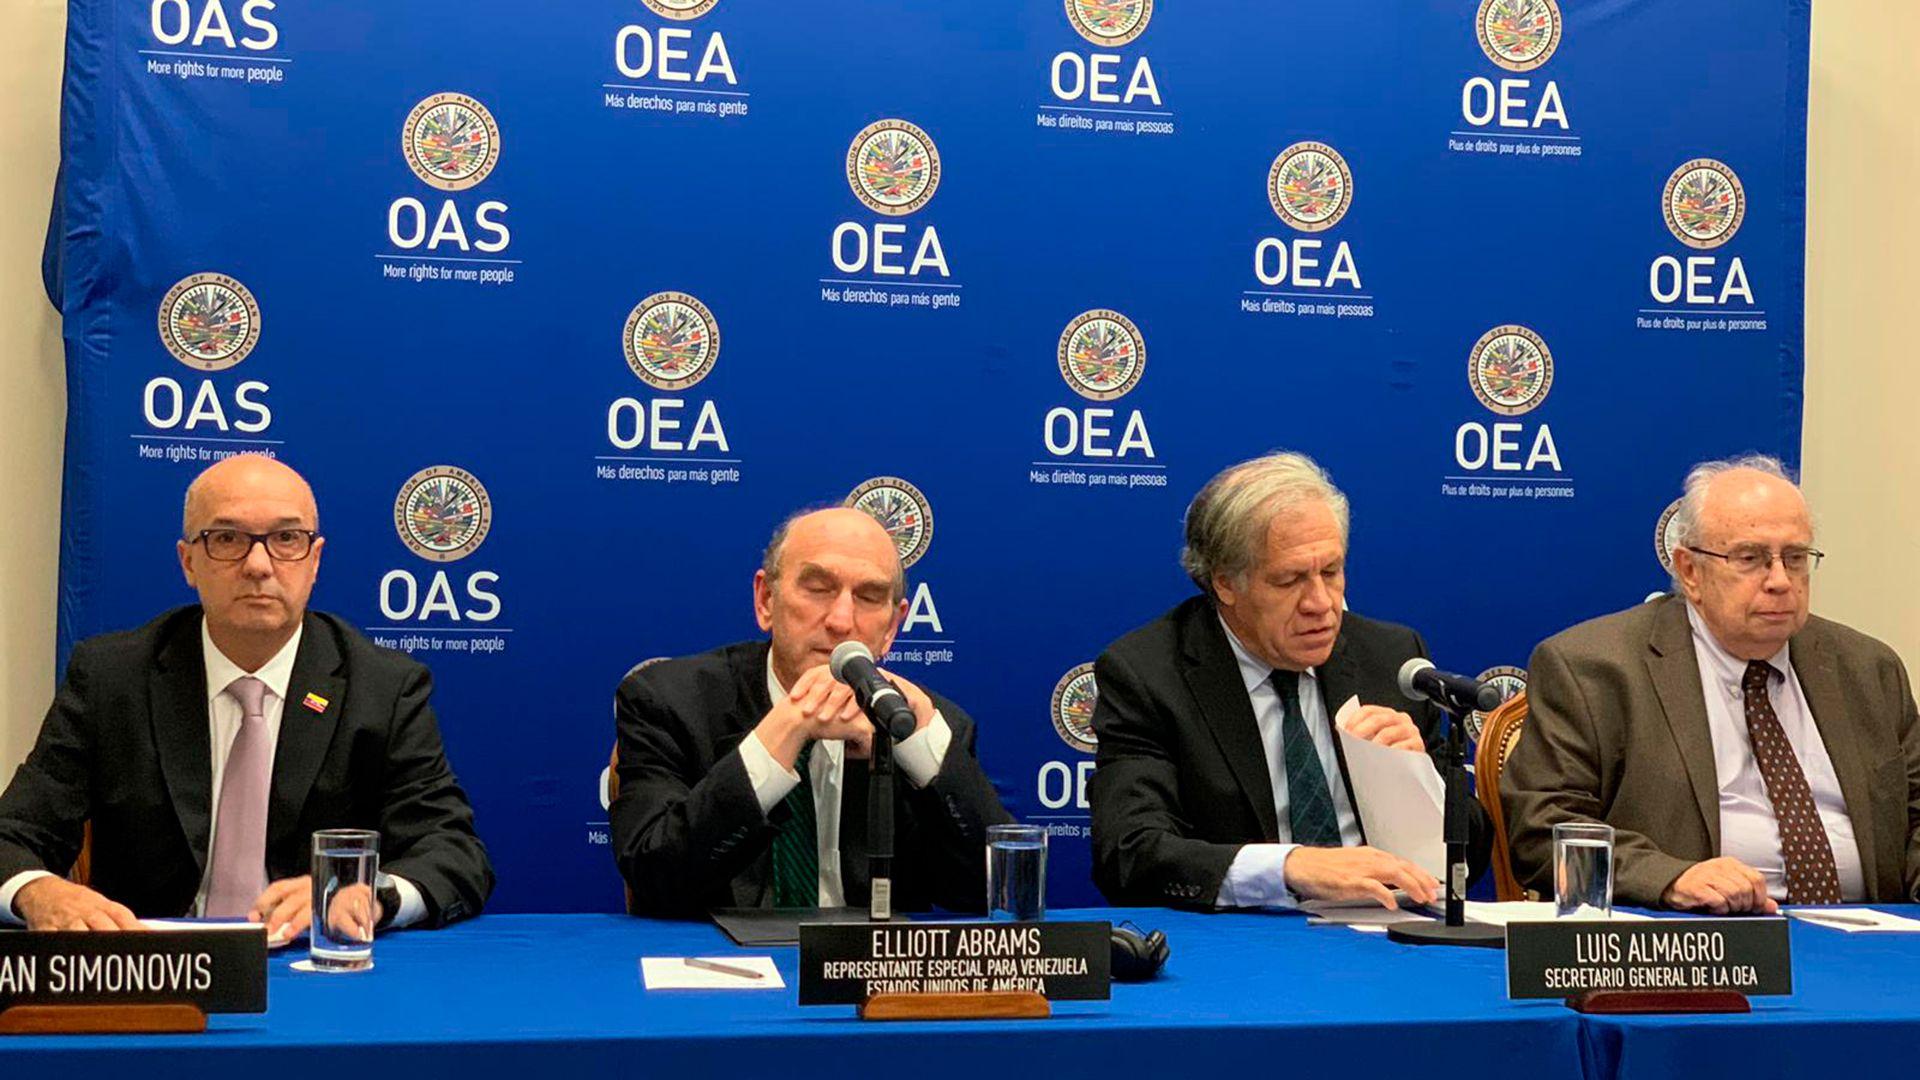 La OEA denunció los crímenes de lesa humanidad de la dictadura de Nicolás Maduro